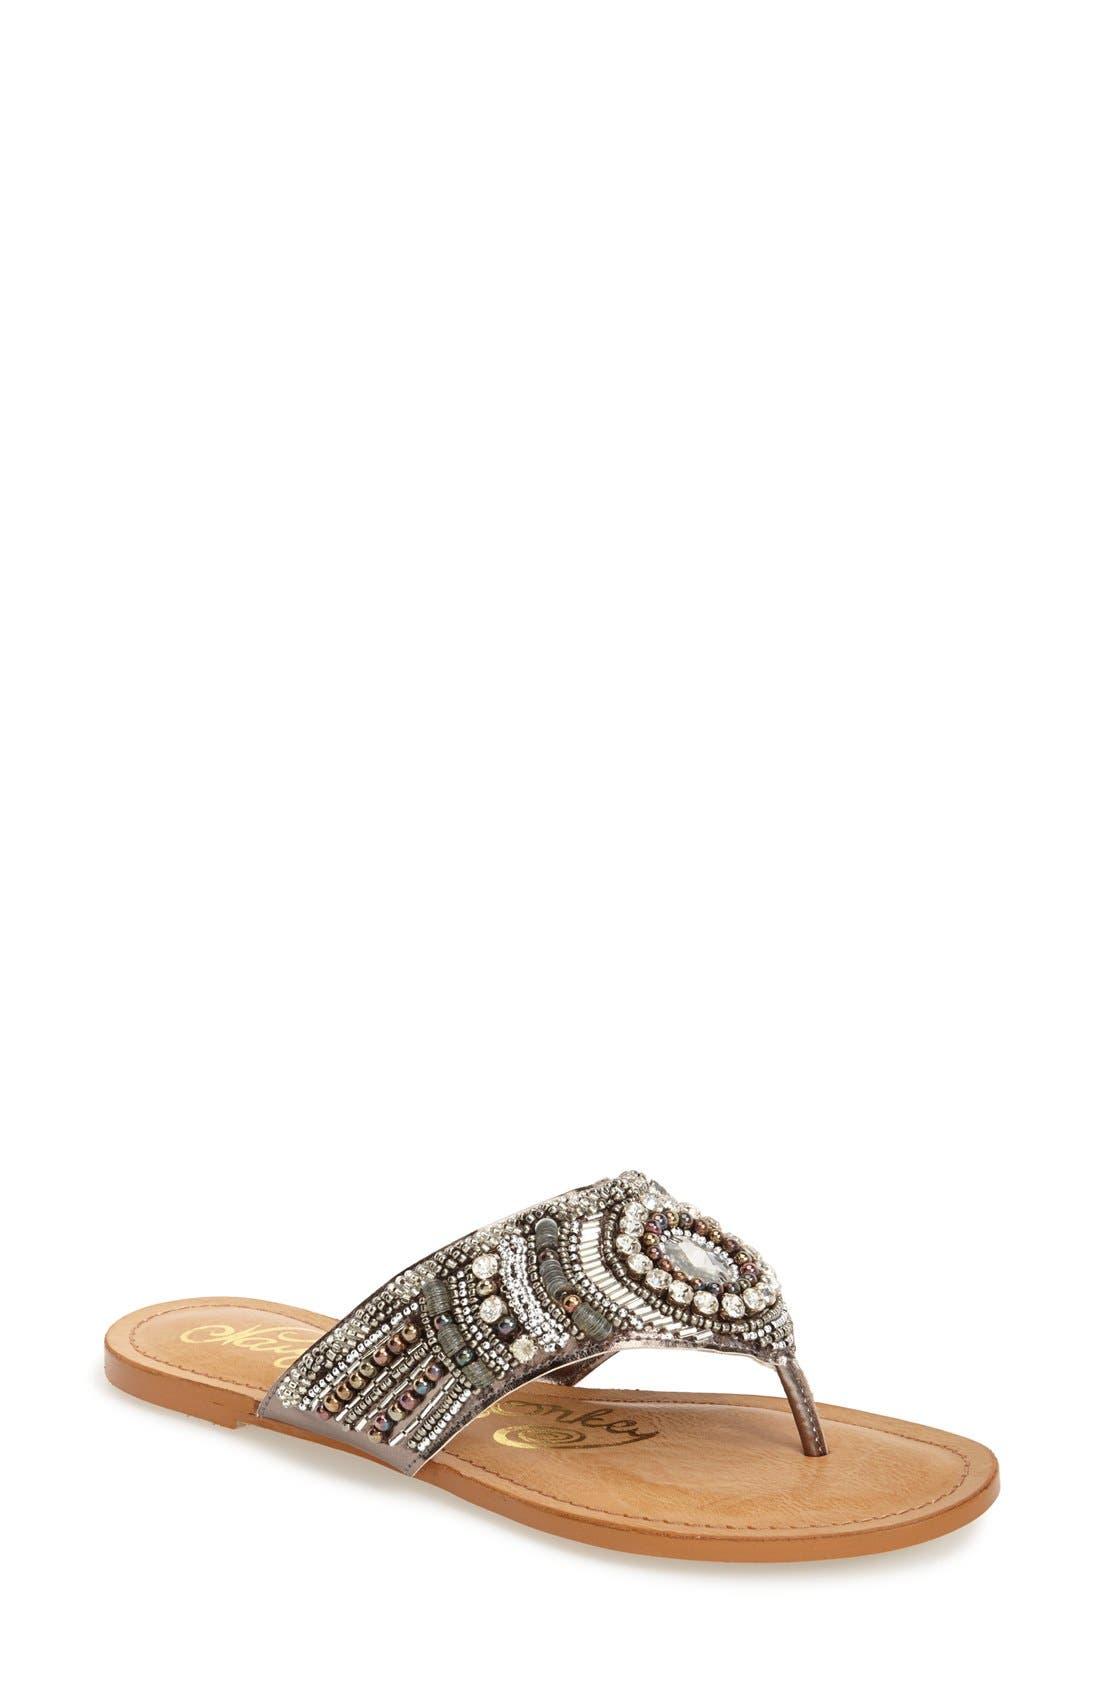 Main Image - Naughty Monkey 'Electric Shine' Embellished Sandal (Women)